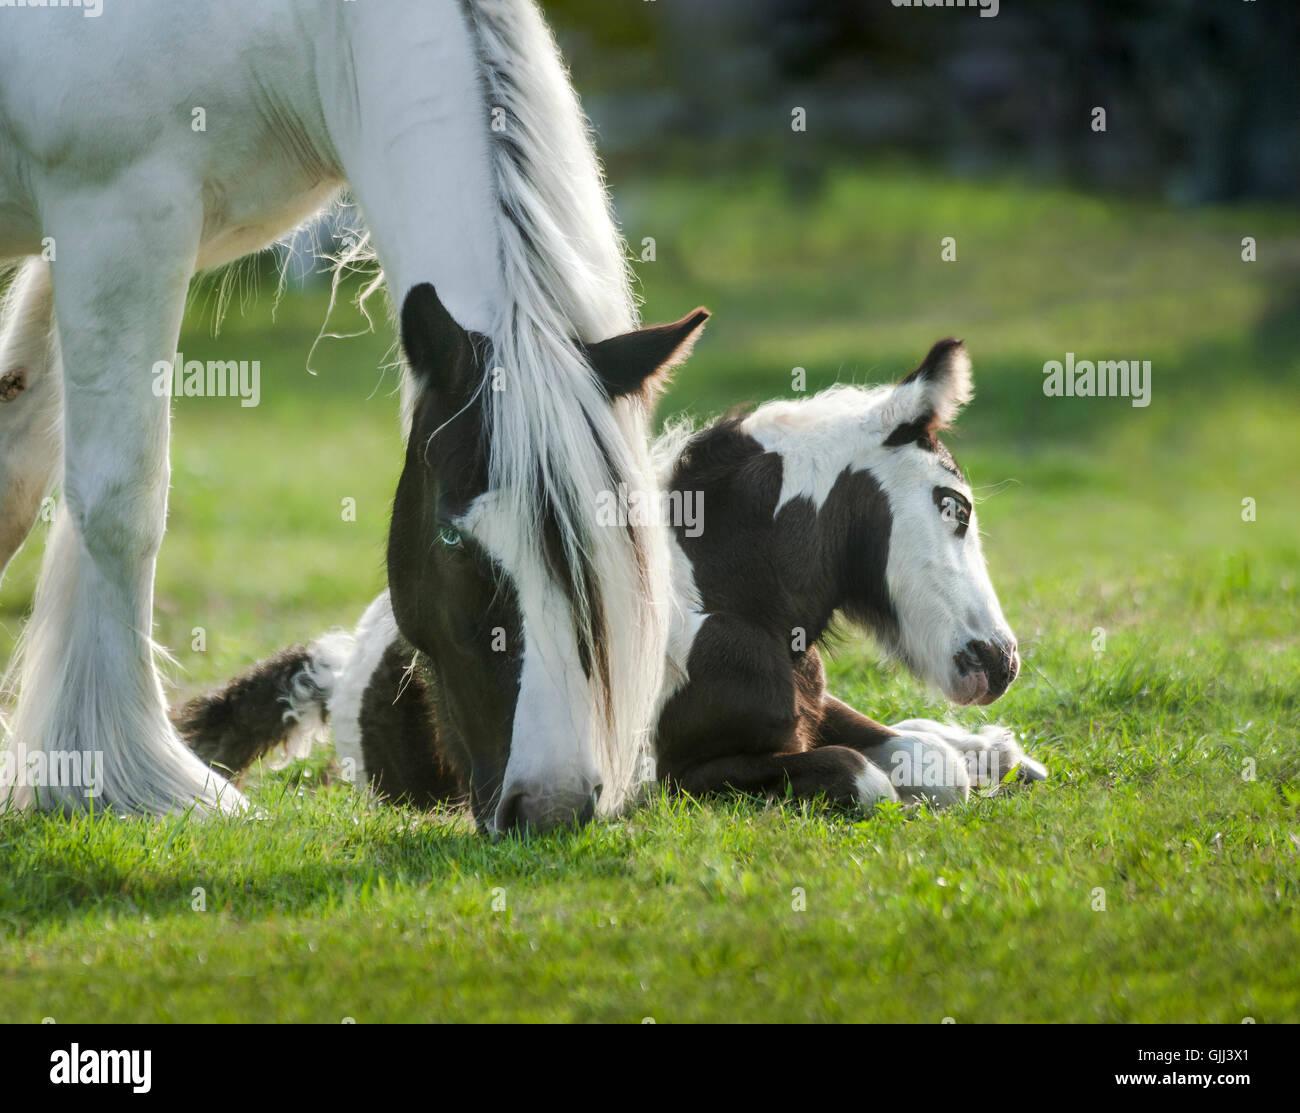 Wachsamen Gypsy Vanner Pferde Stute mit Fohlen im Grass liegen Stockbild